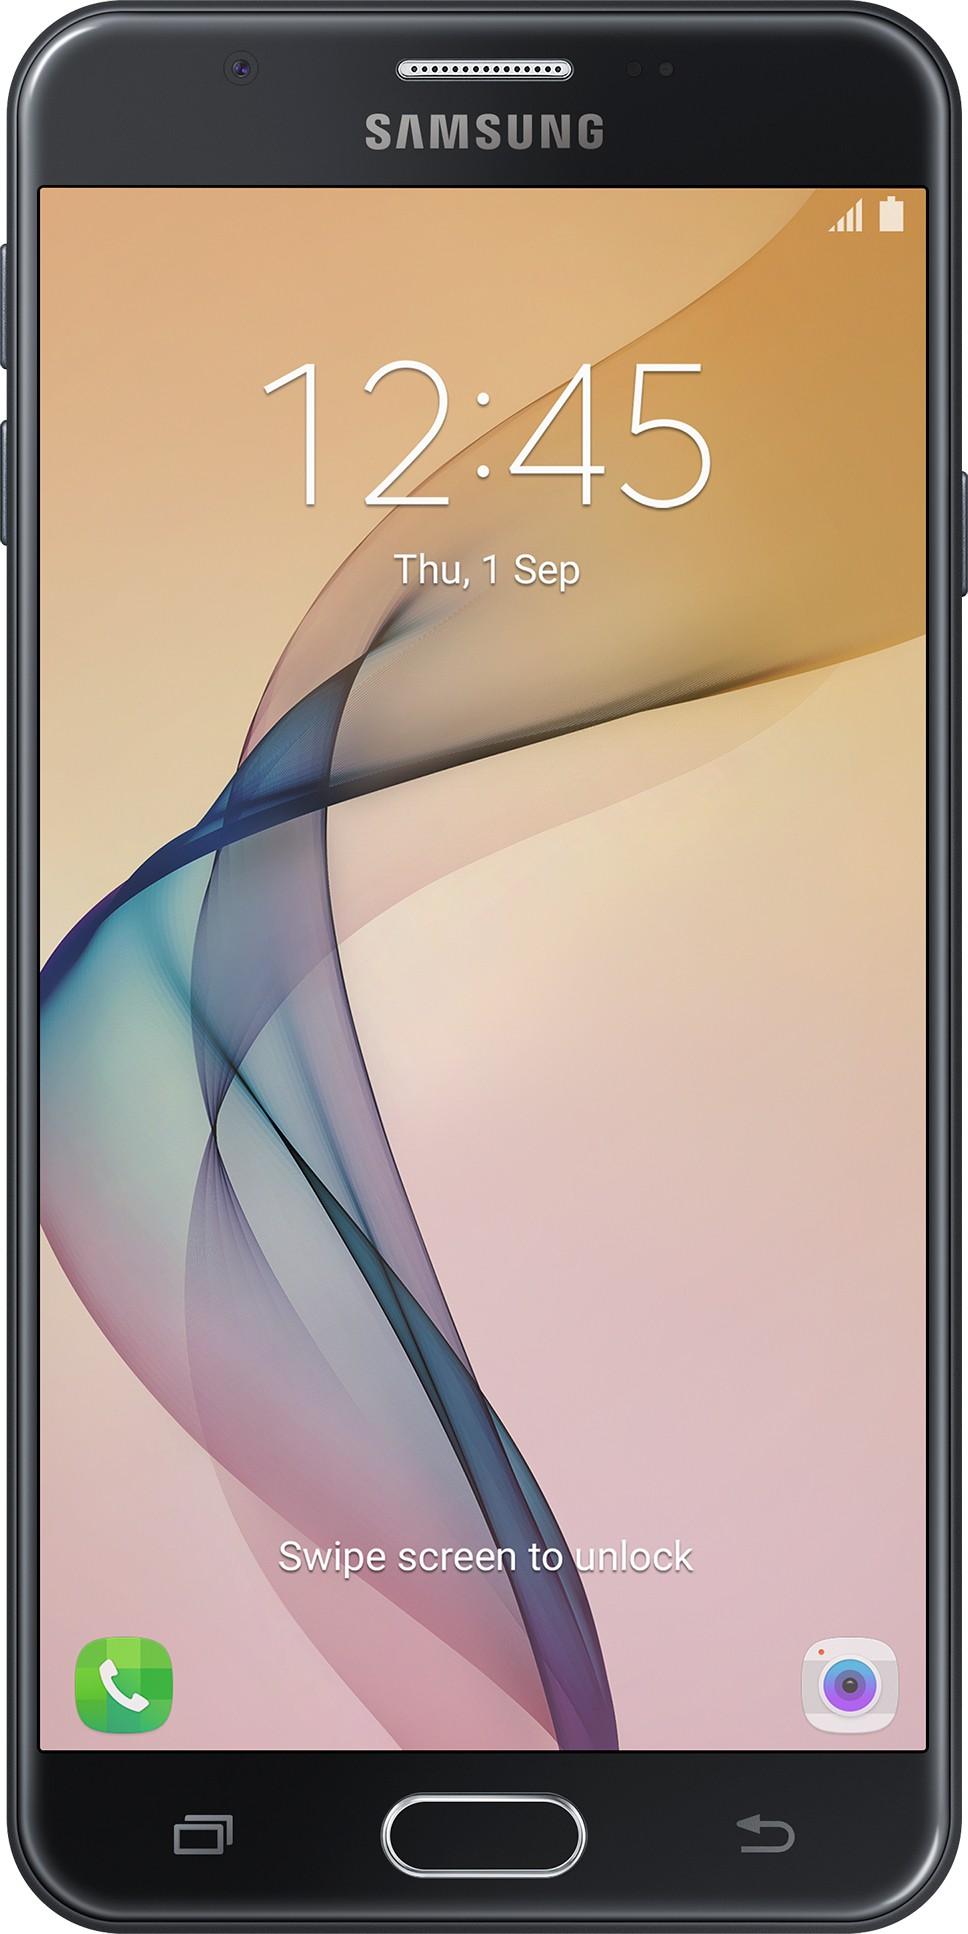 Samsung Galaxy J5 Prime (2GB RAM, 16GB)